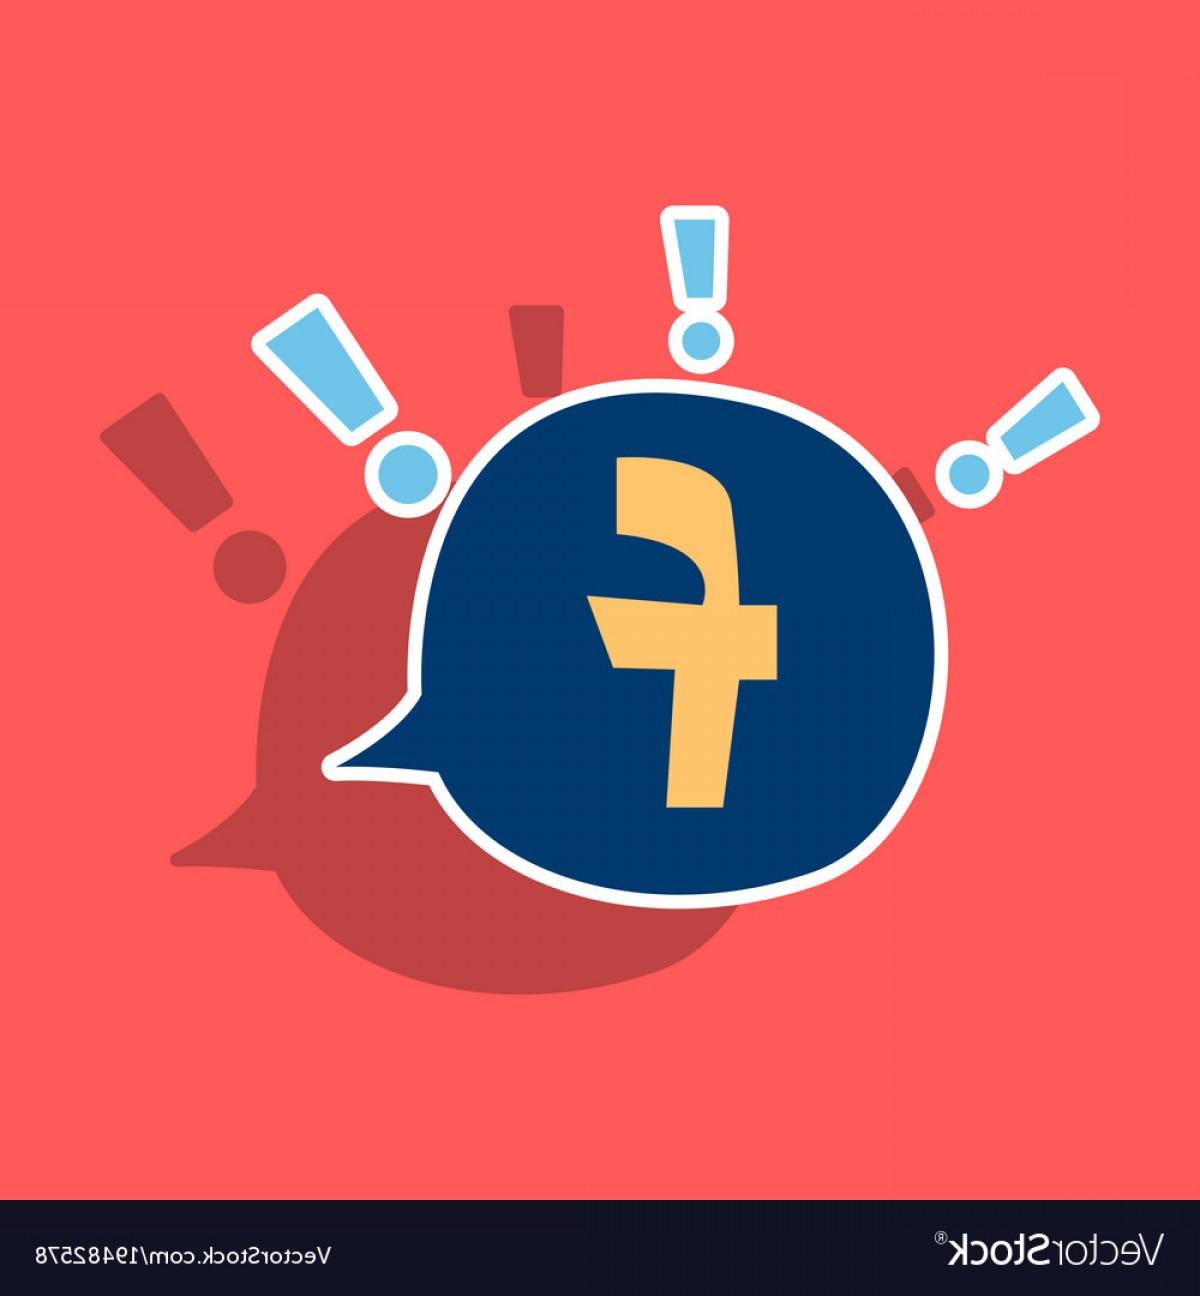 1200x1296 Sticker Facebook Logotype Social Network Icon Vector Shopatcloth